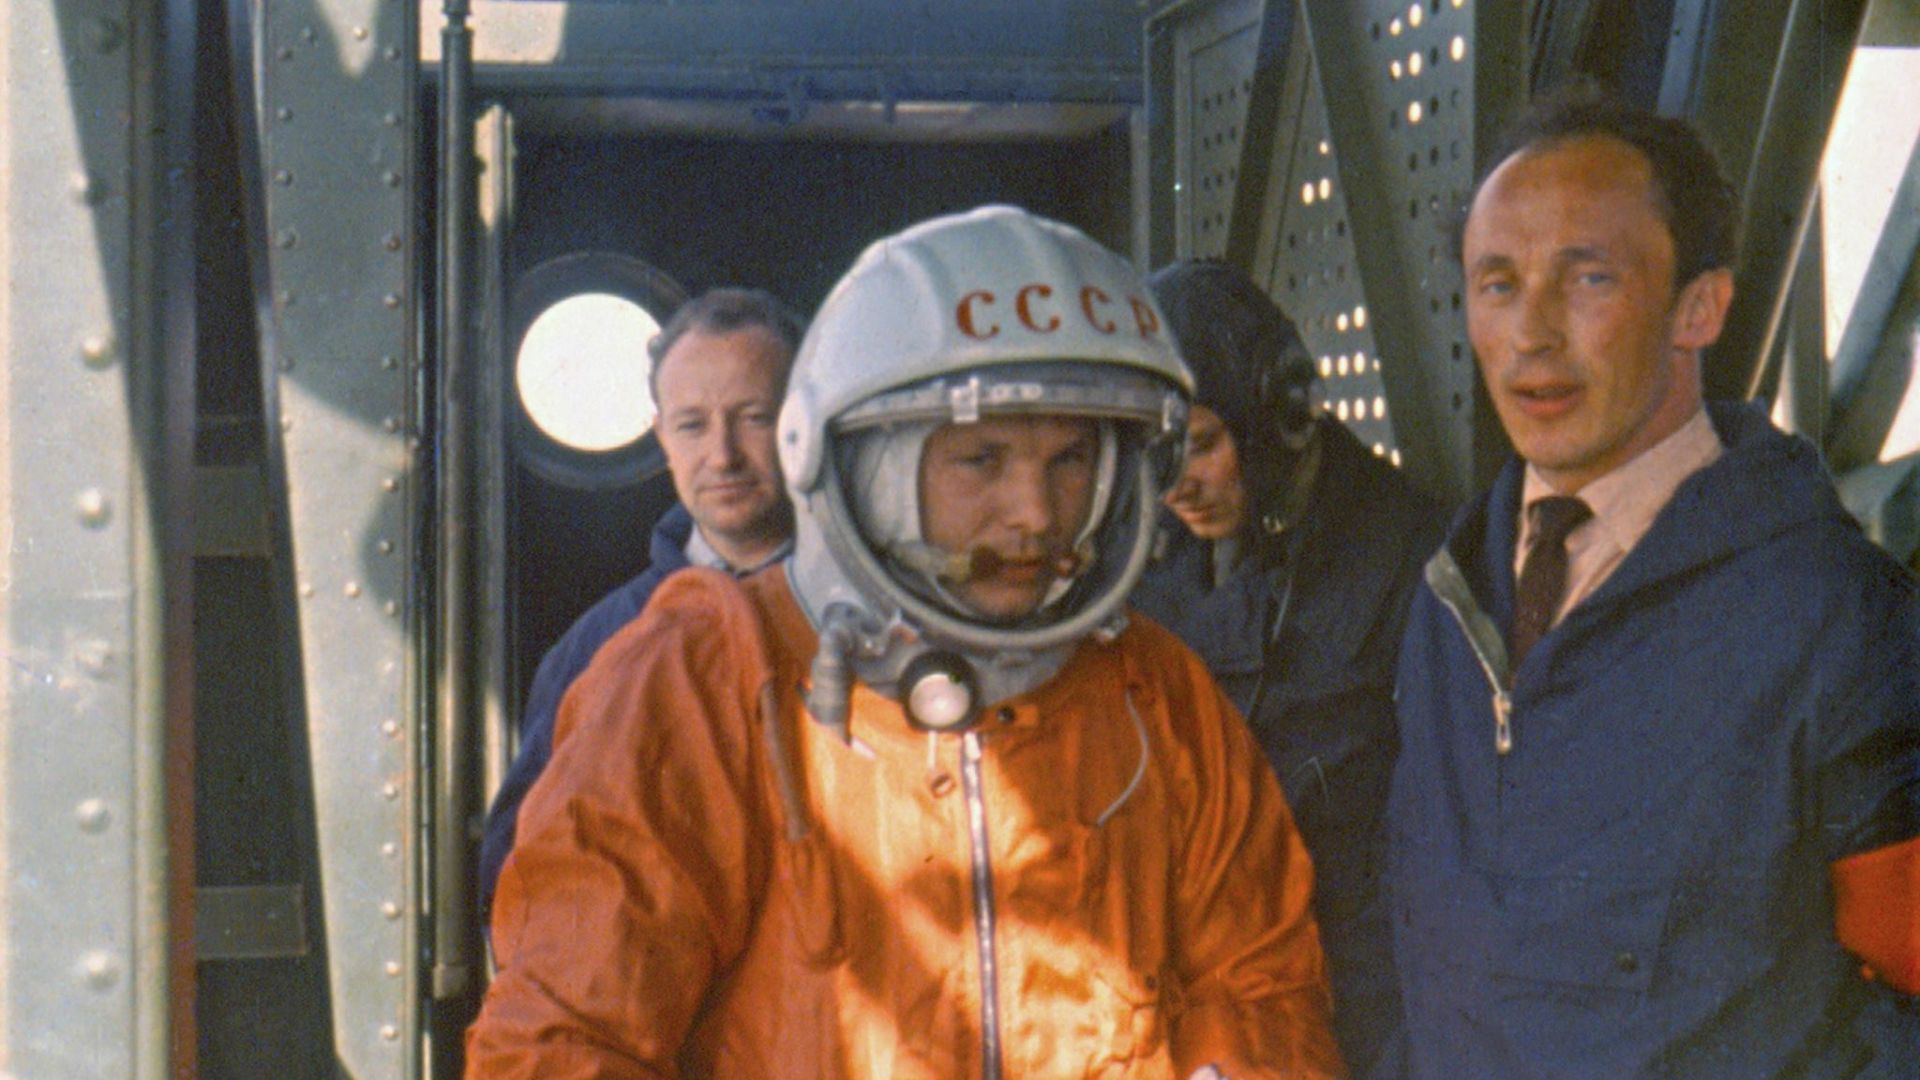 Юрий Гагарин върви към ракетата в утрото на 12 април 1961 г.